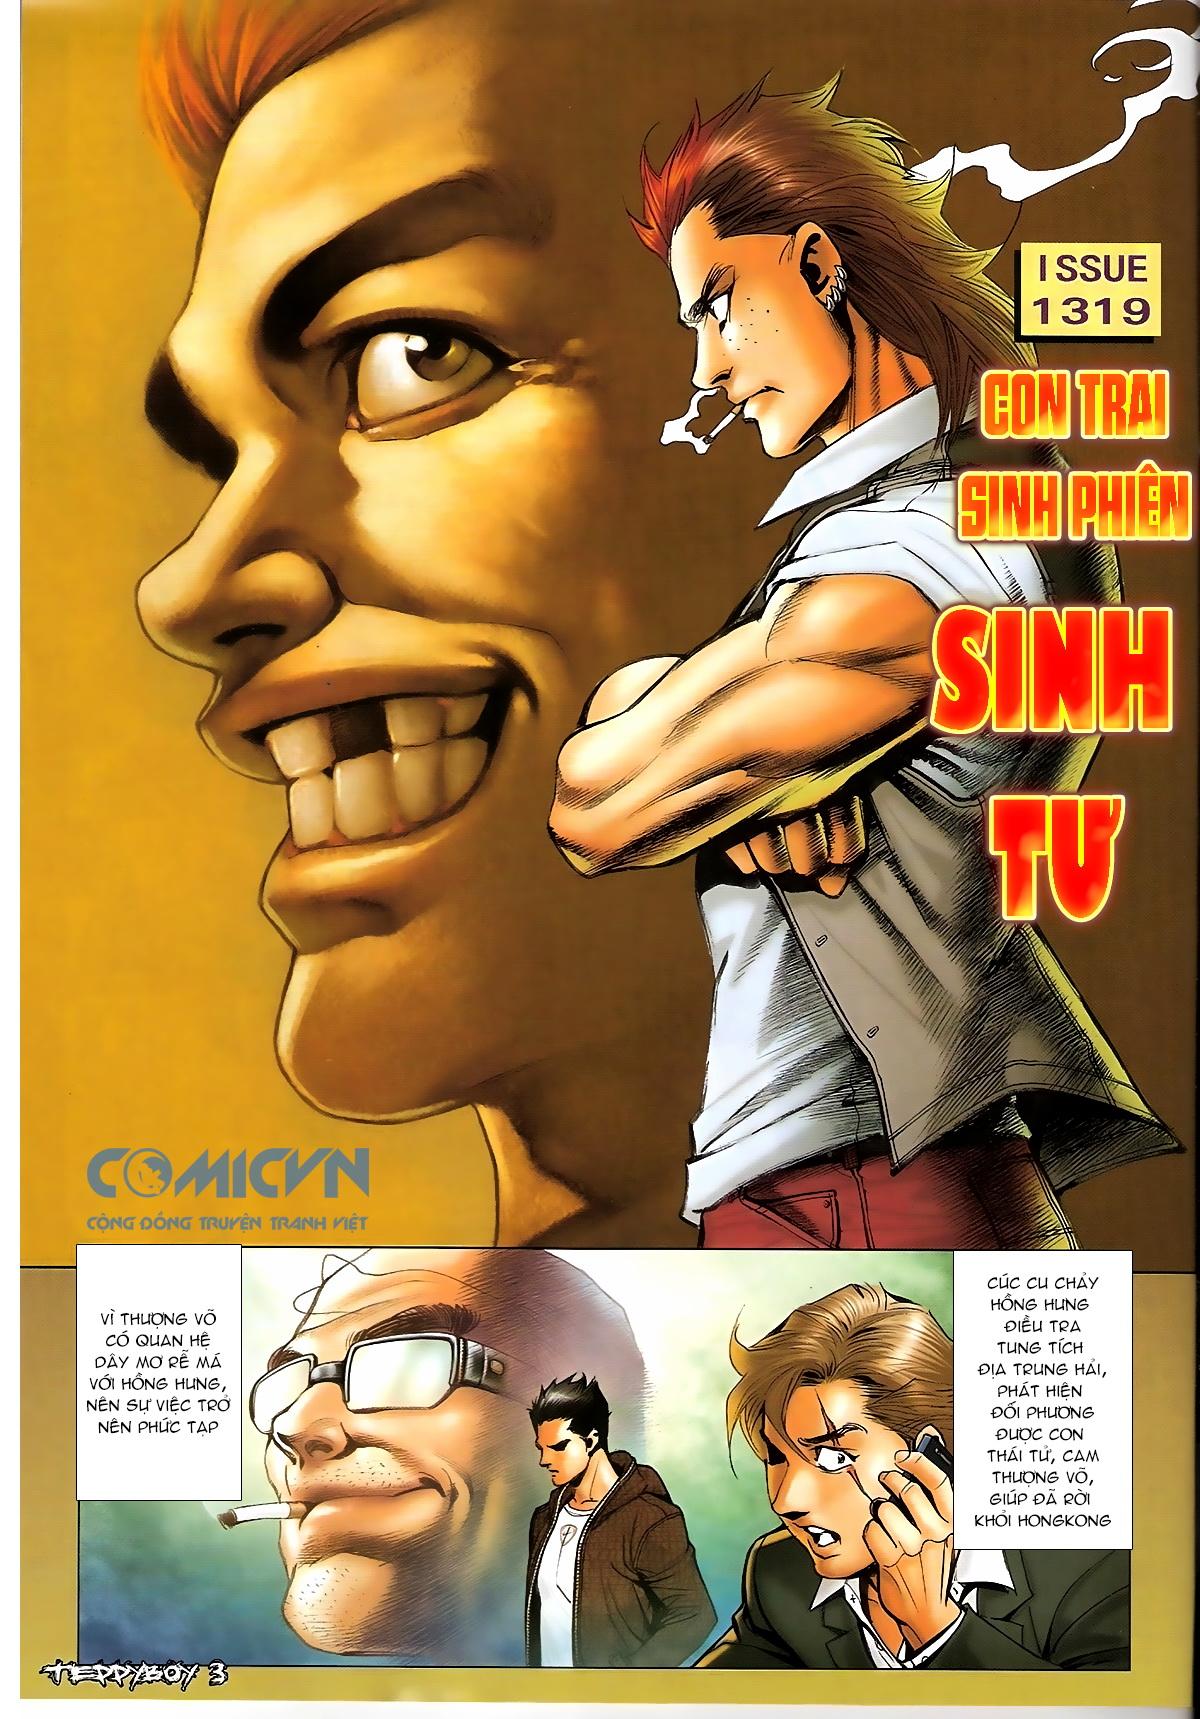 Người Trong Giang Hồ - Chapter 1319: Con trai Sinh Phiên - Pic 2